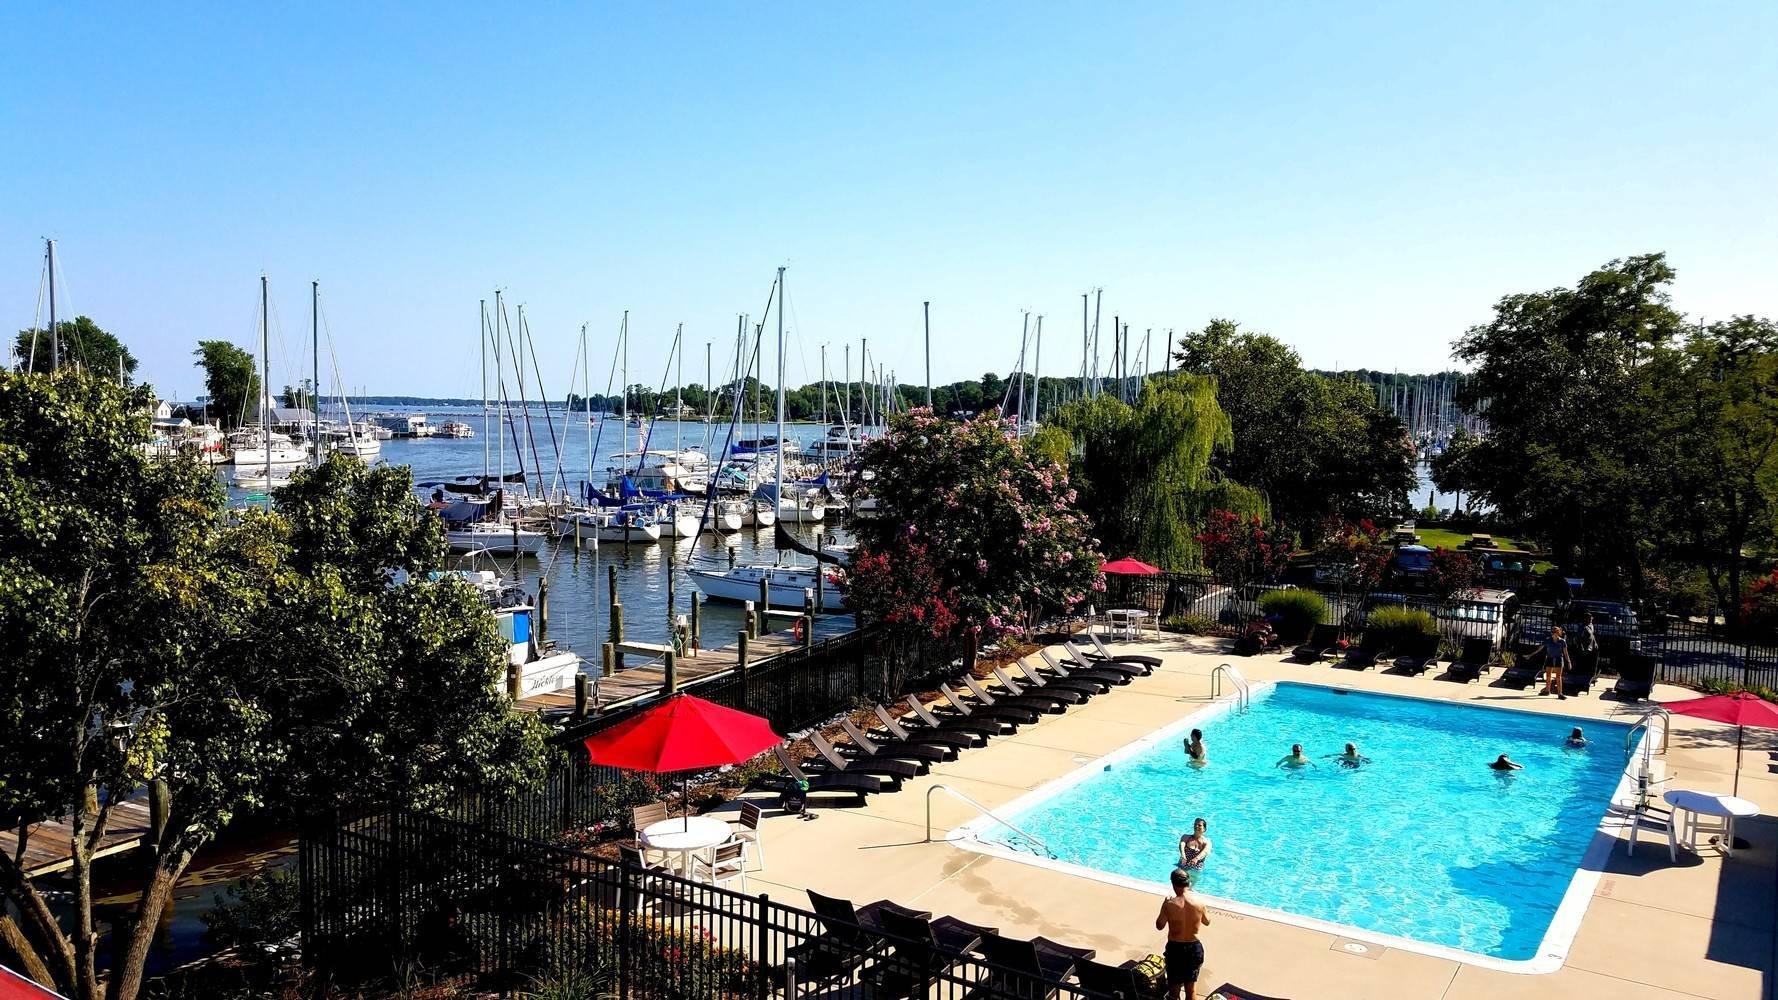 shipwright marina - chesapeake bay marinas